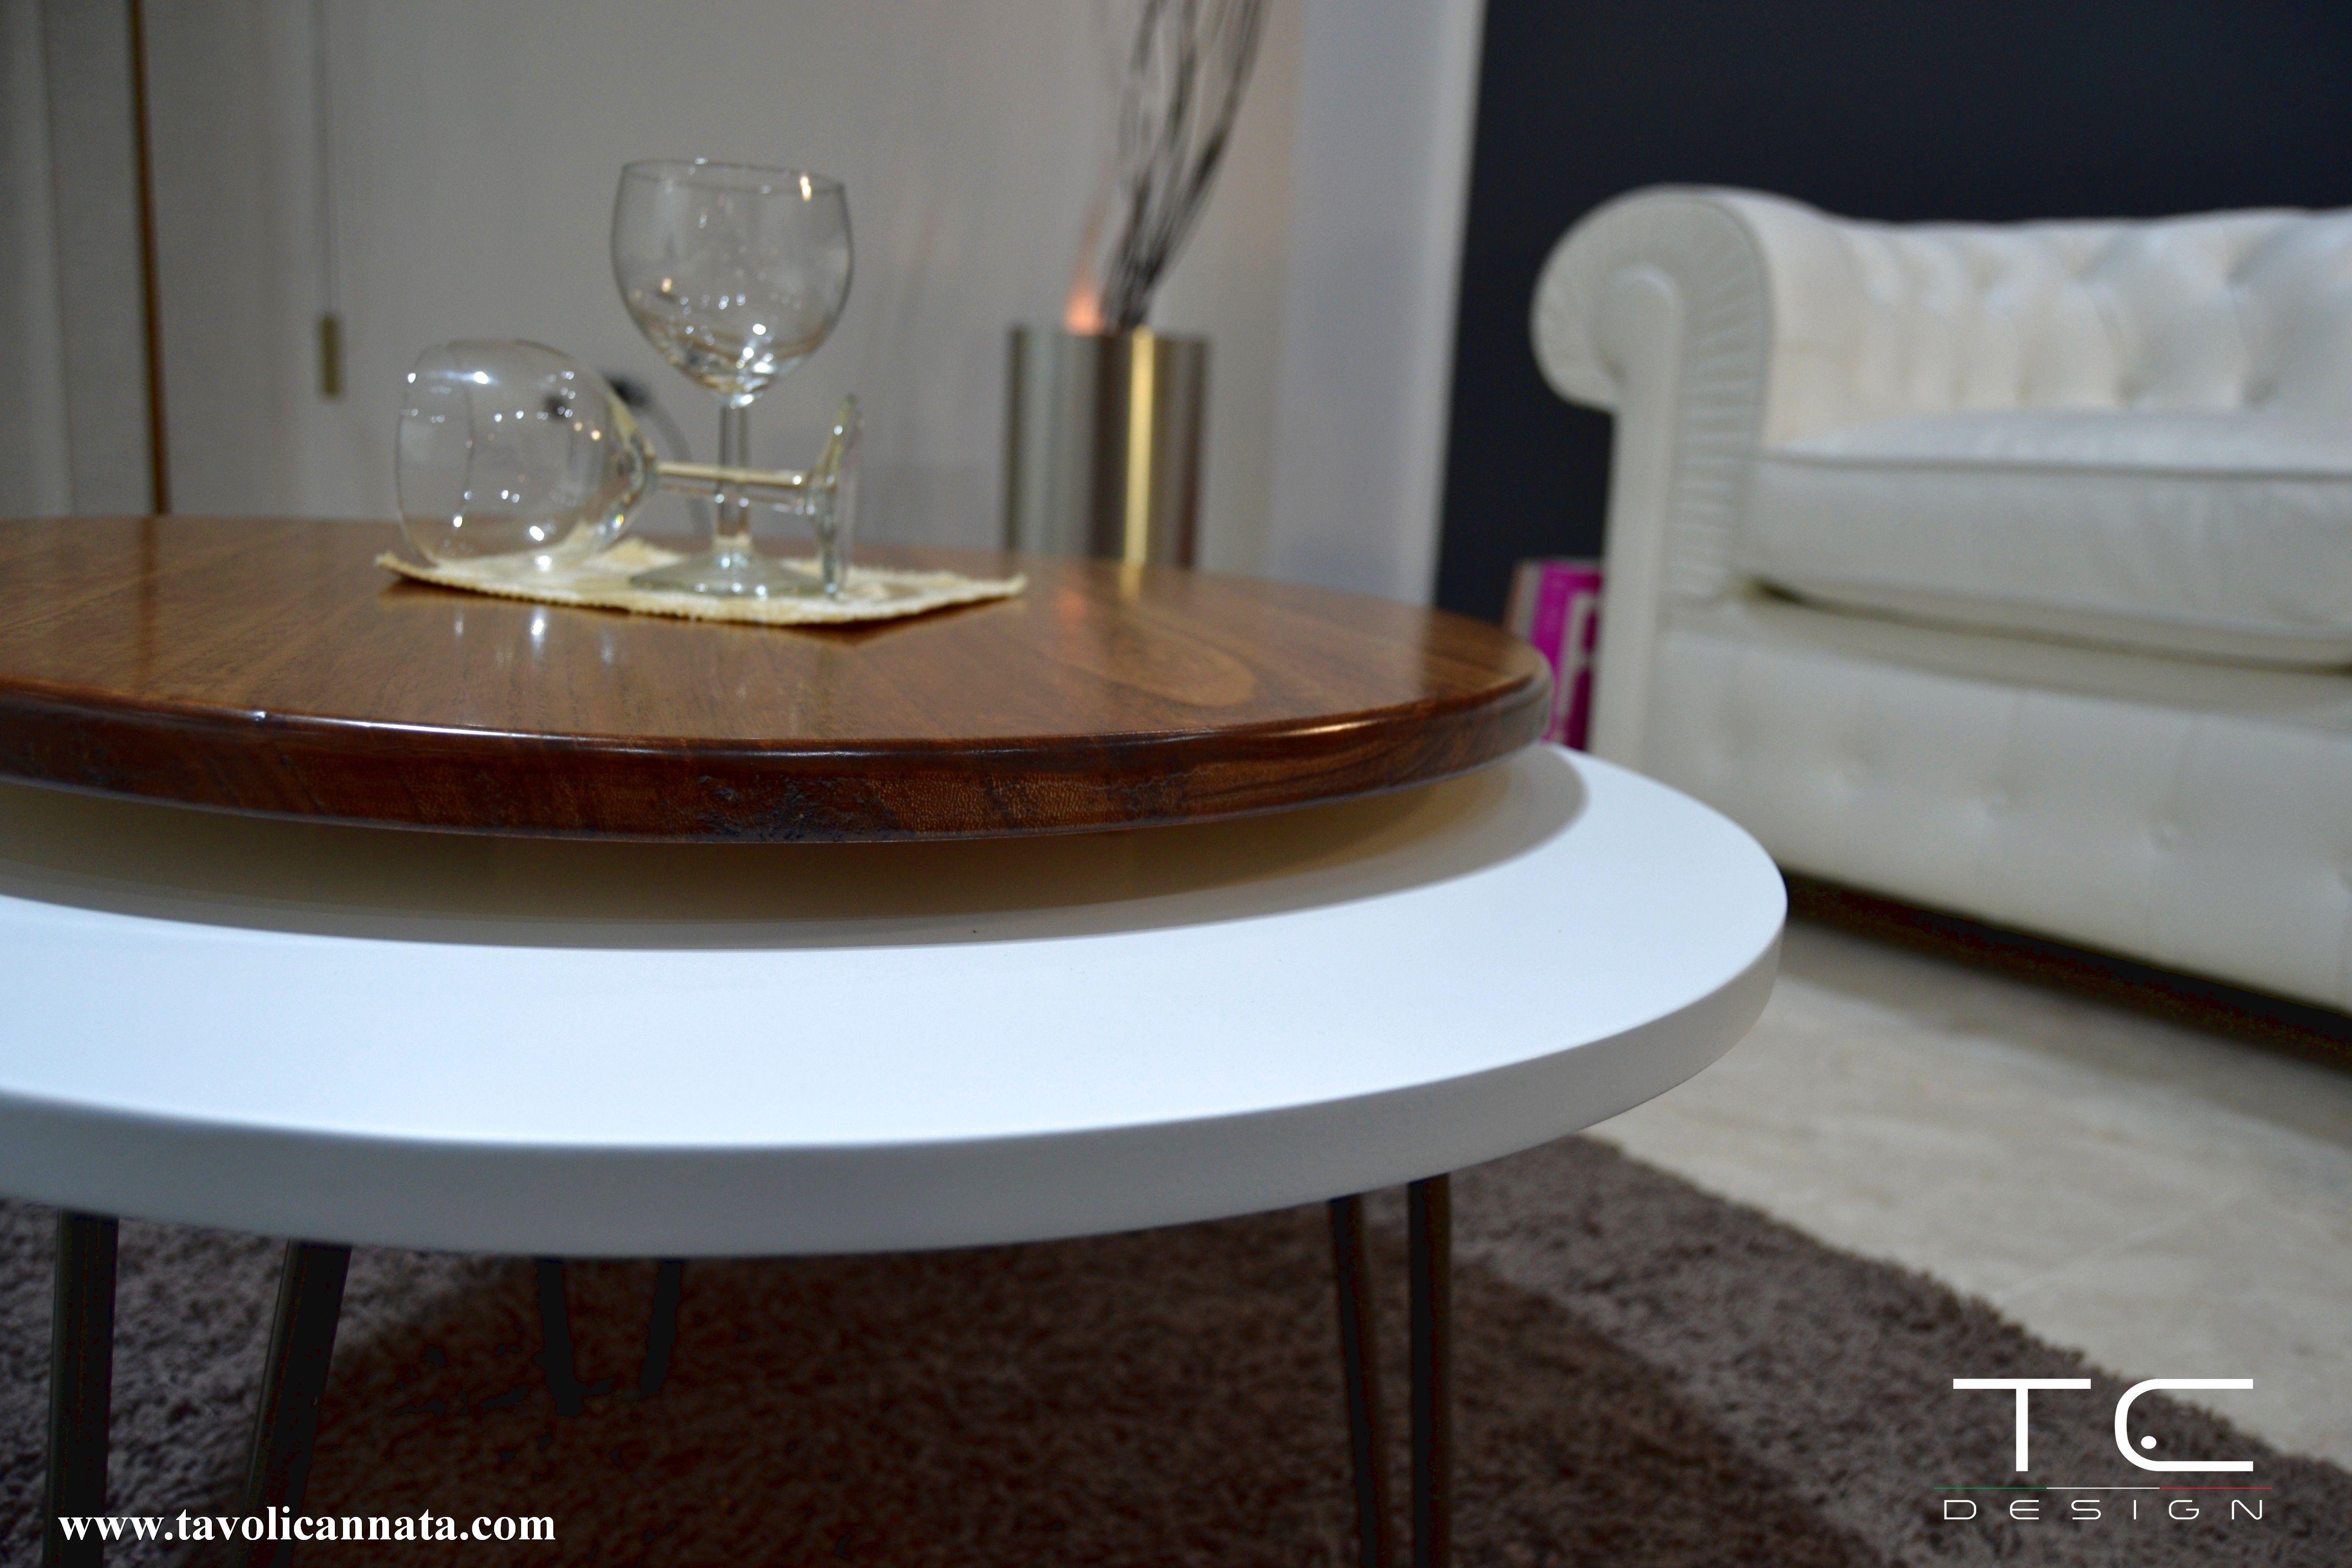 Tavolino Portariviste Legno.Tavolini Da Salotto Tavolino Portariviste Tavolino Per